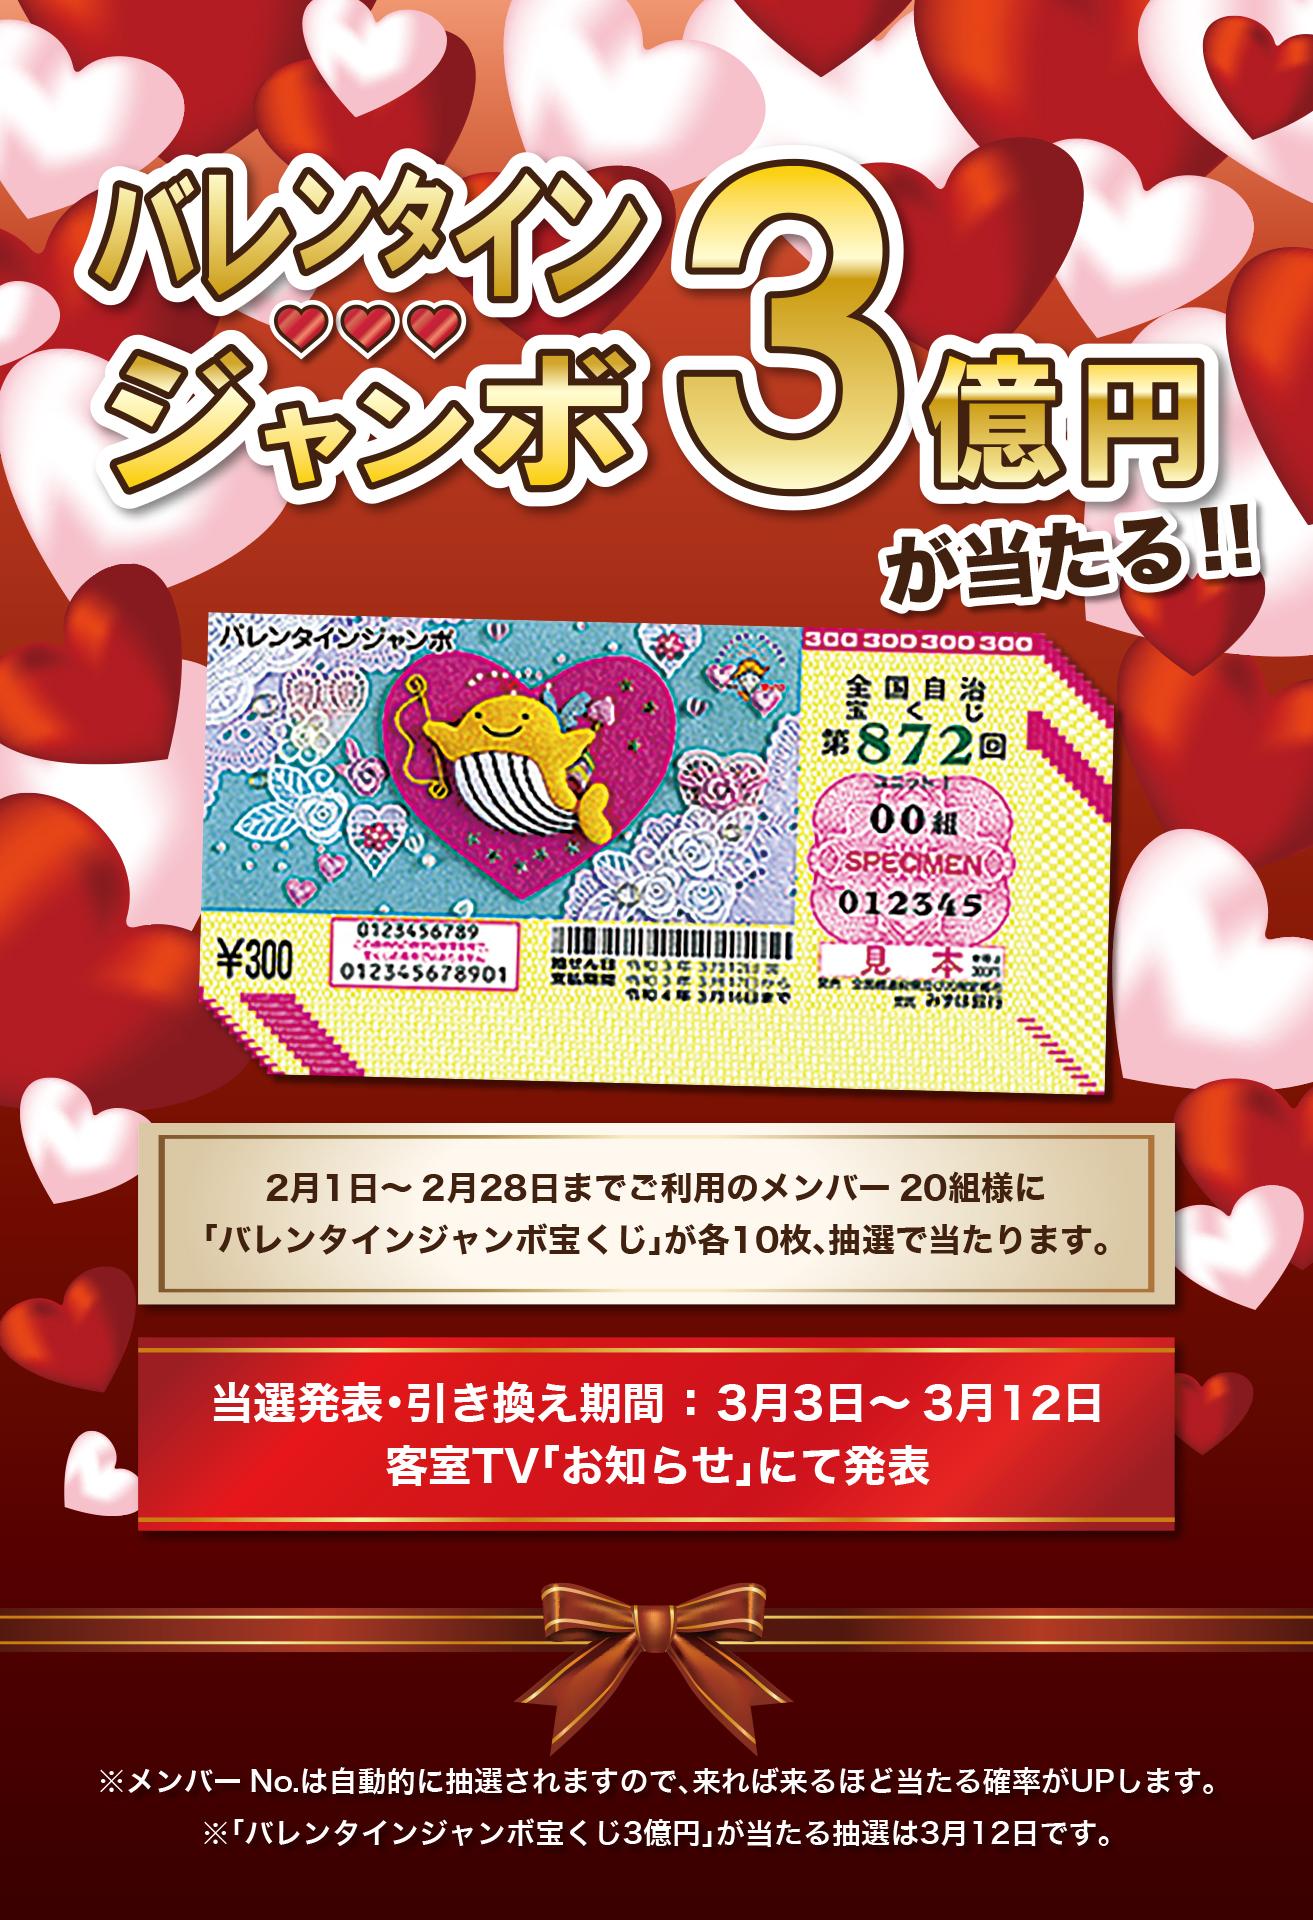 バレンタインジャンボ!3億円が当たる!